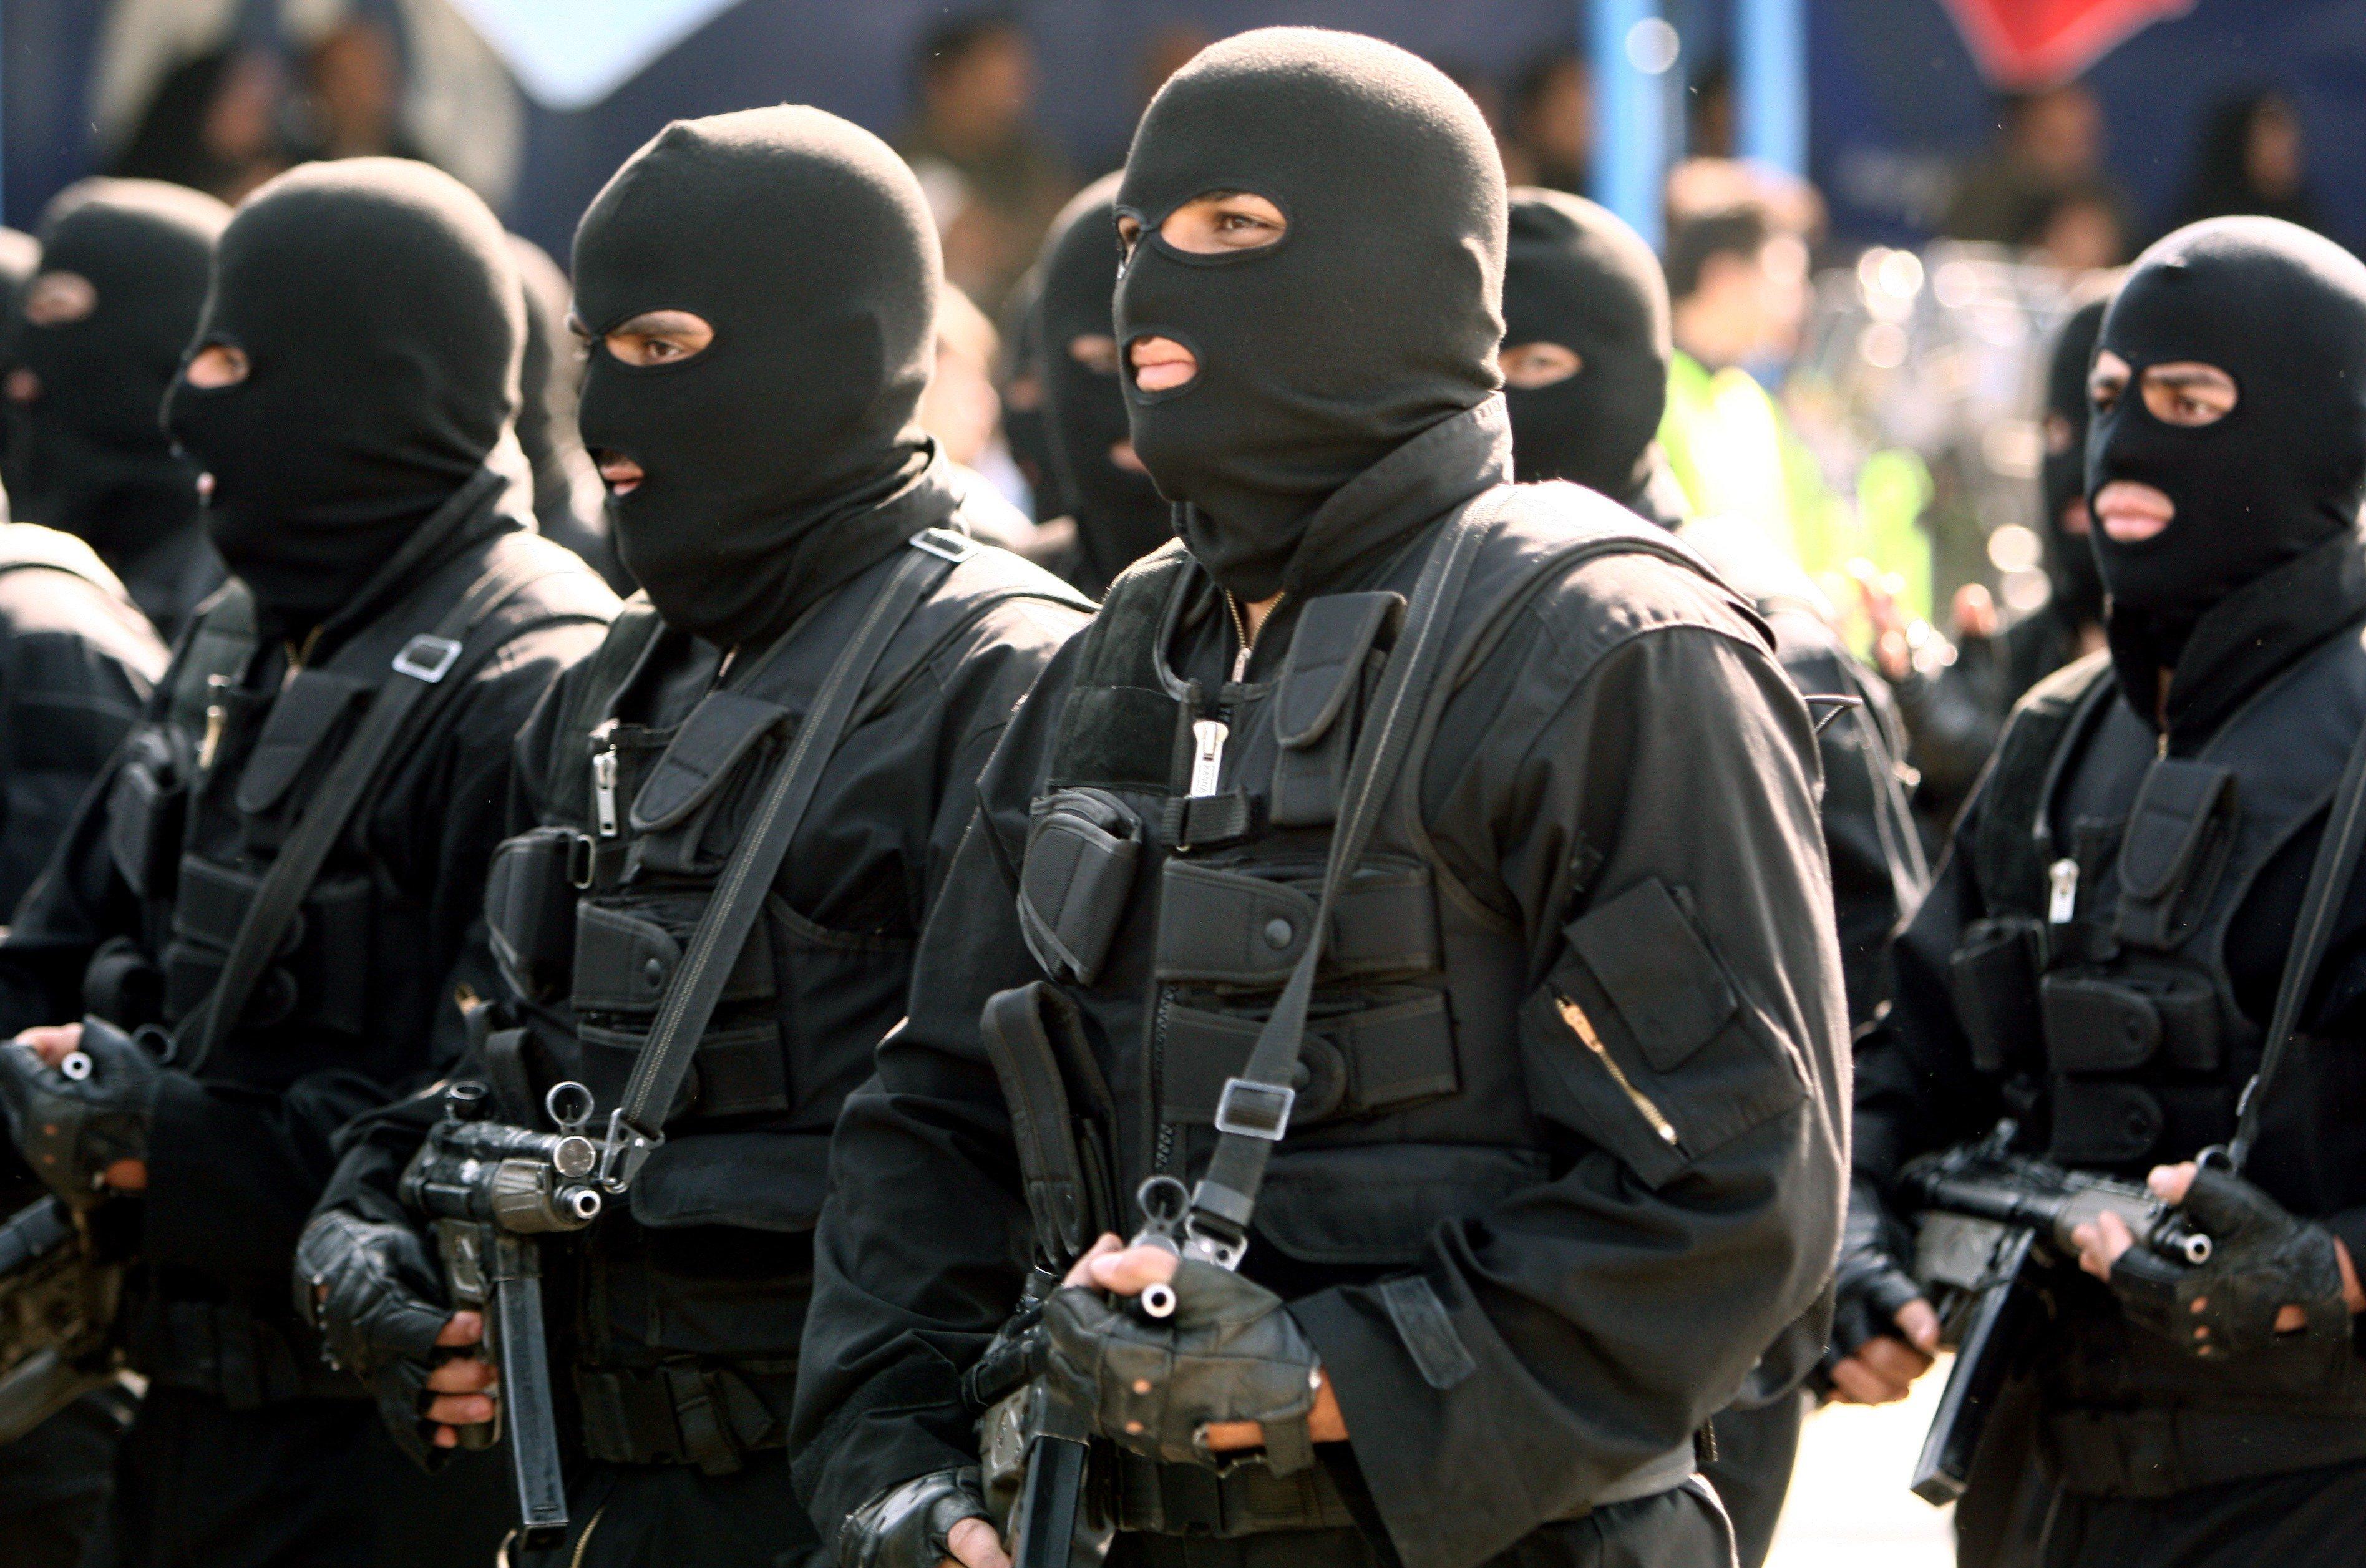 كوسوفو تعلن الكشف عن منظمات مشبوهة مرتبطة سراً بإيران